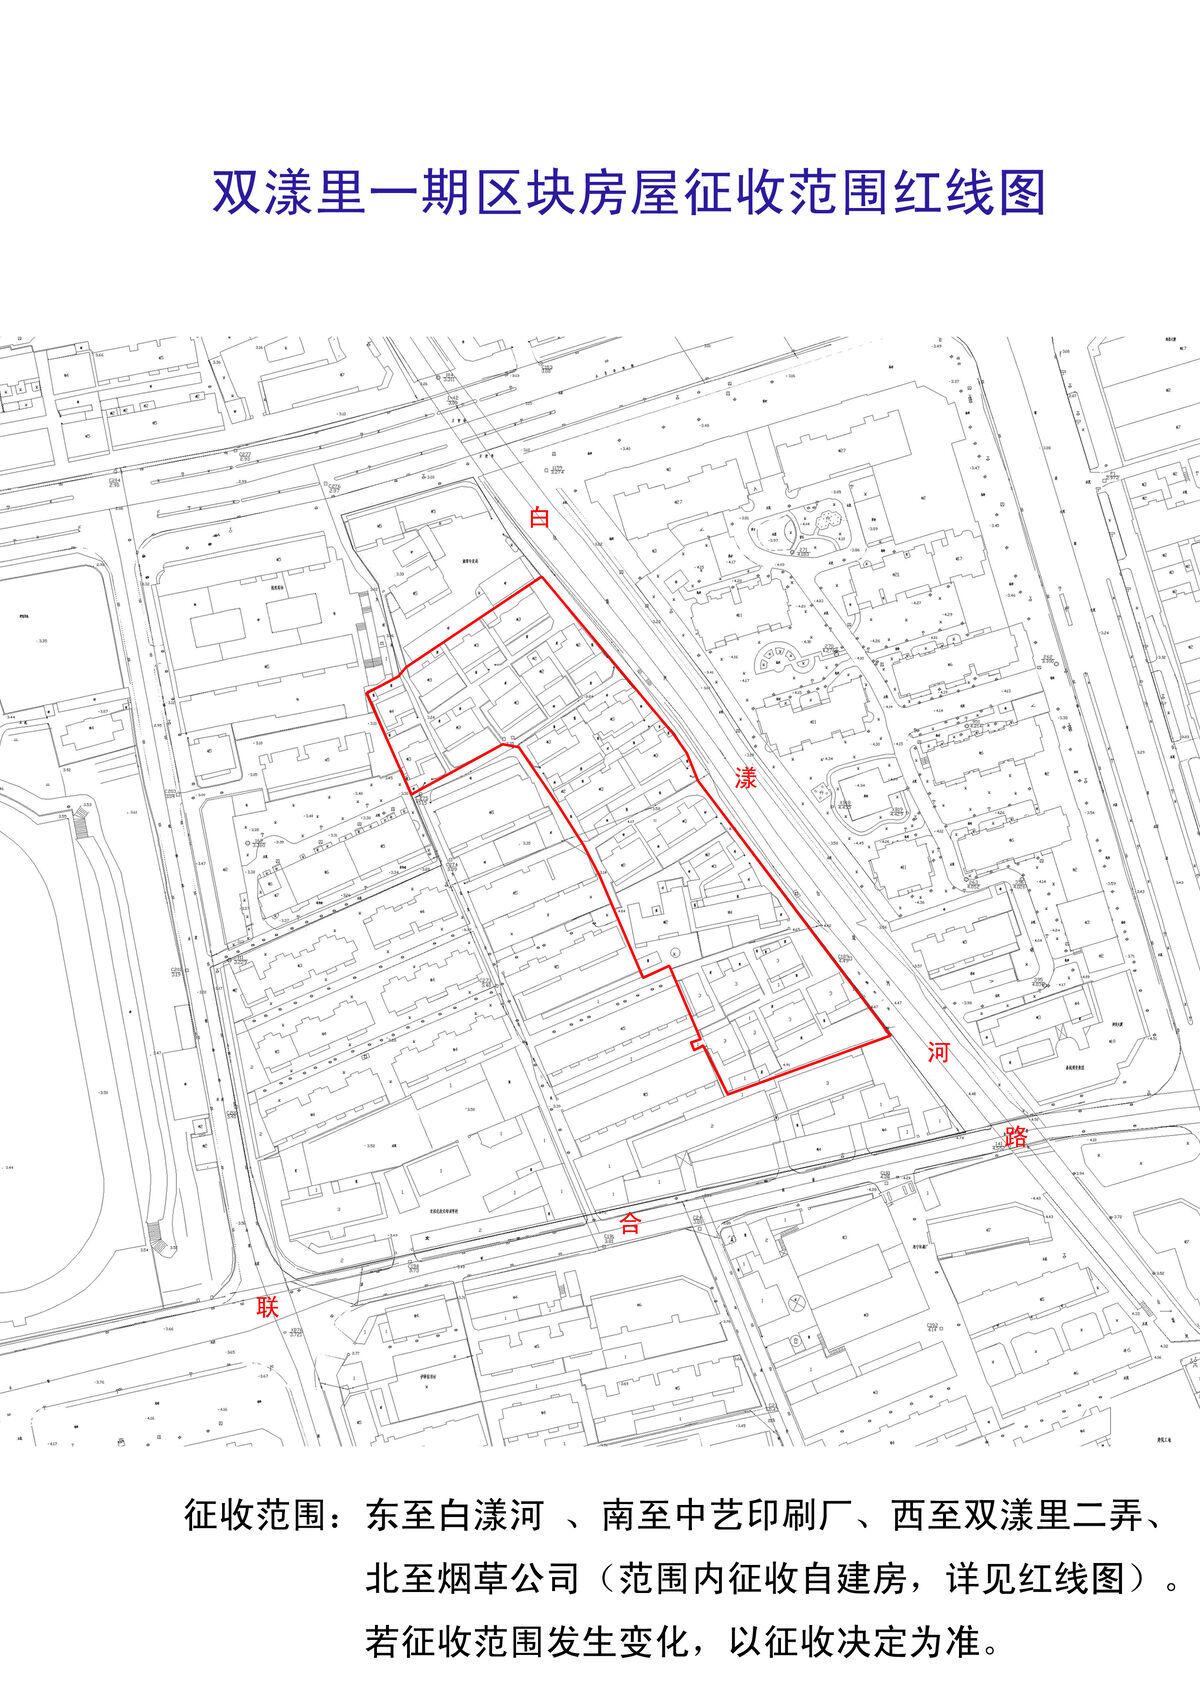 最新消息:海宁市中心这个区块确定征收啦!你家在不在?